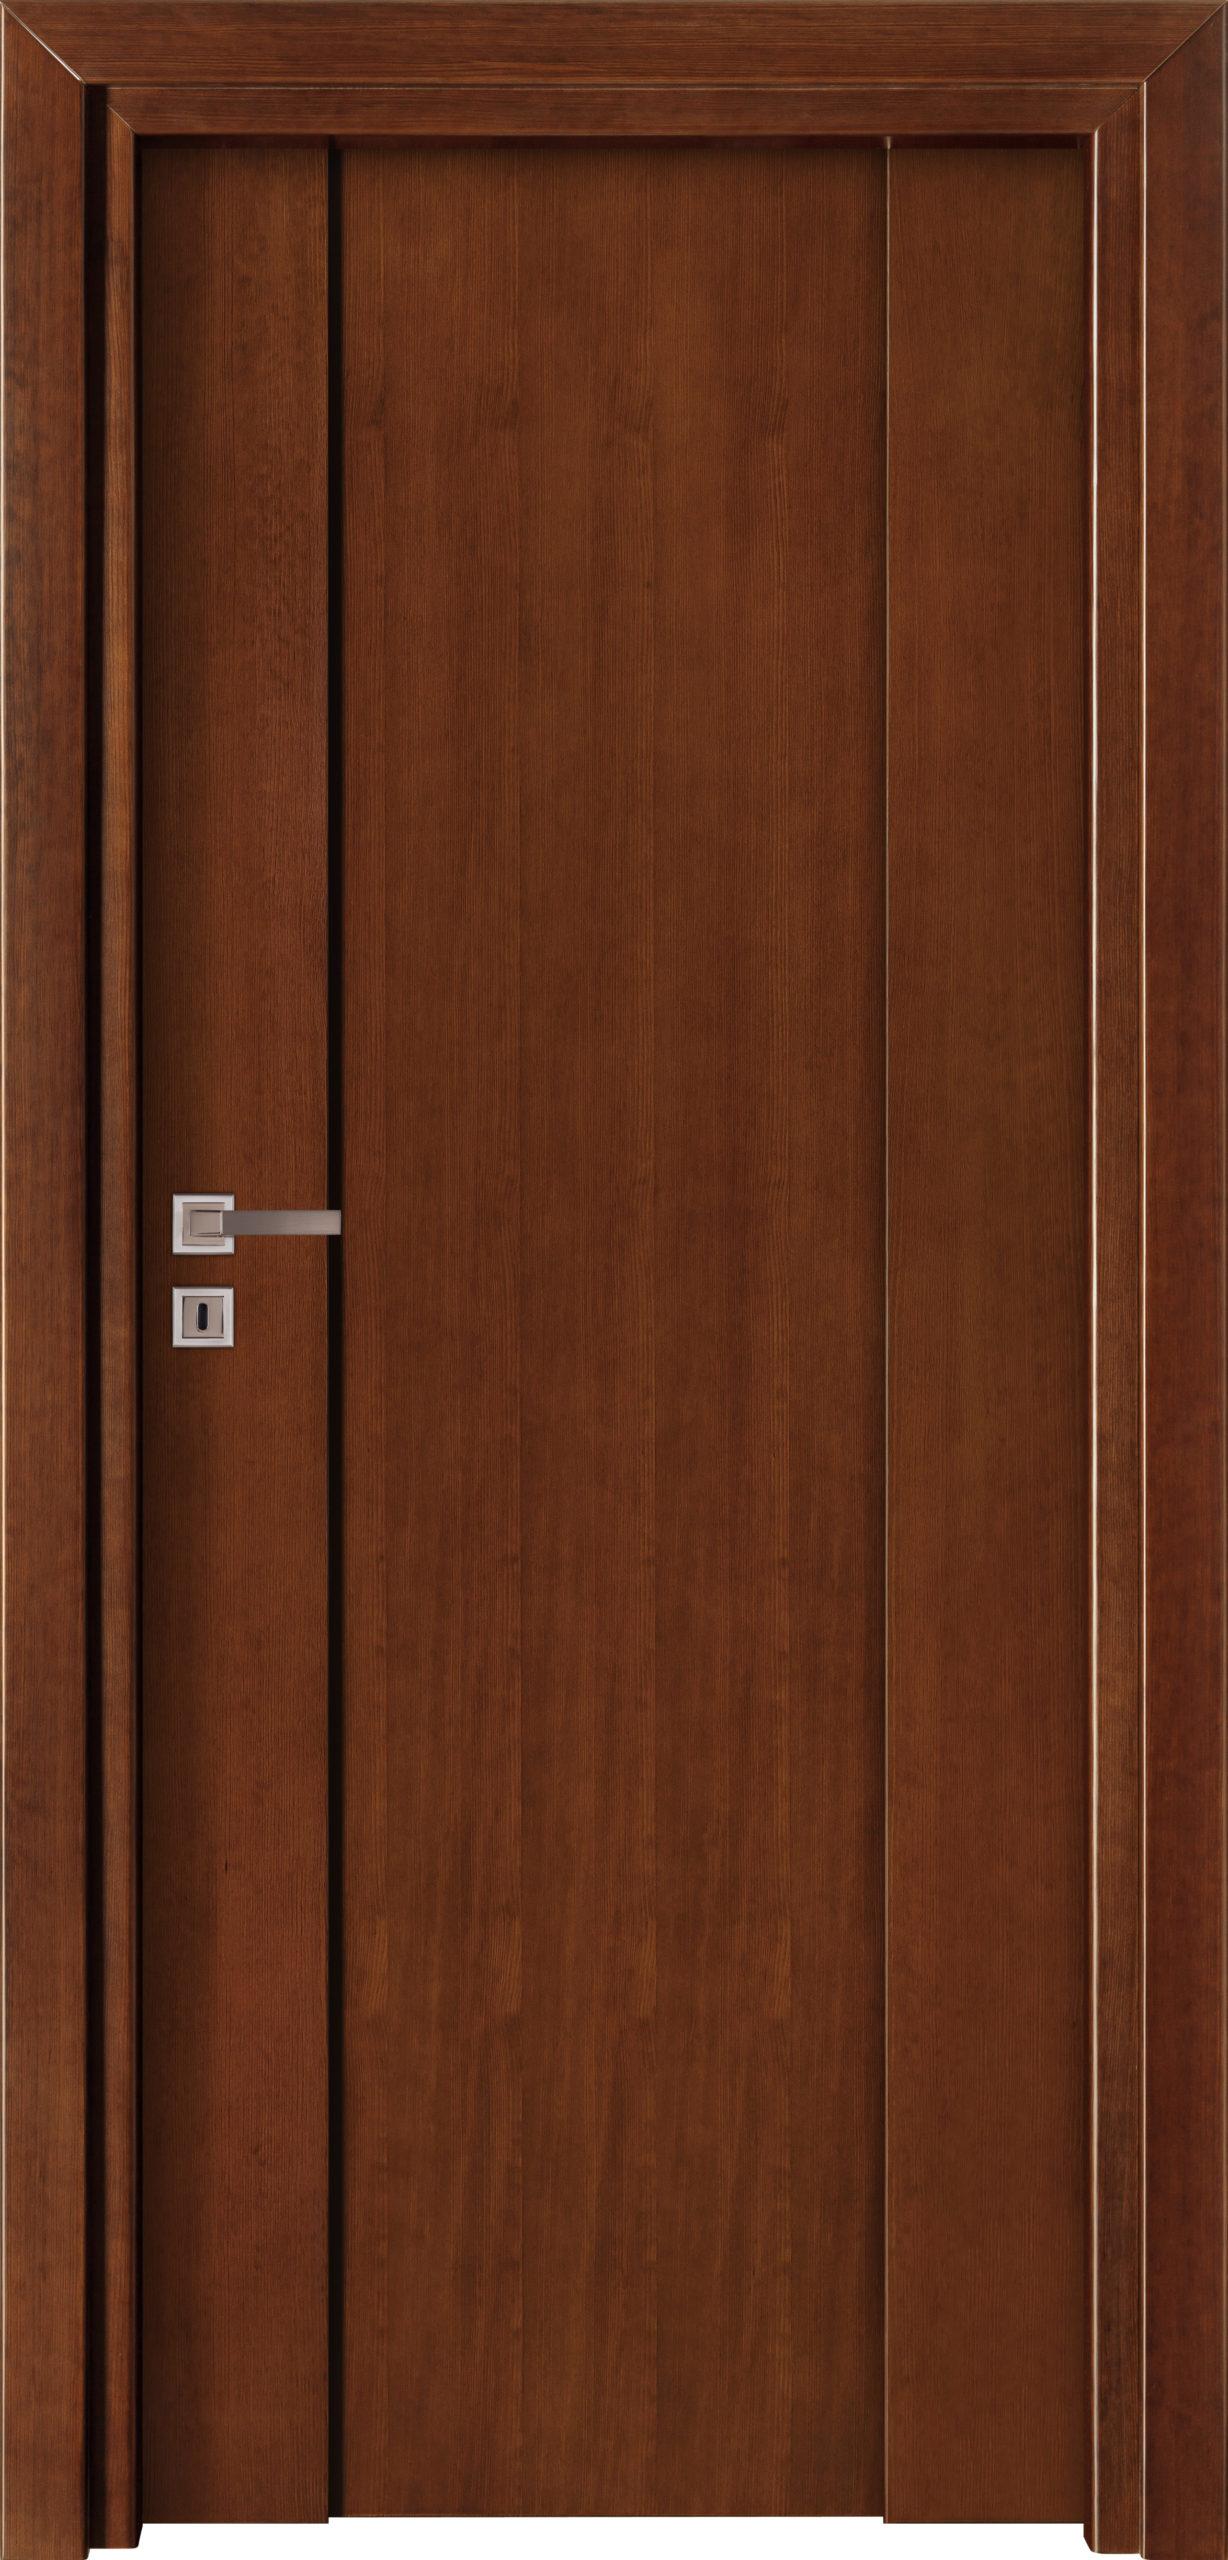 Focus A7 - jesion - ciemny calvados - ościeżnica przylgowa regulowana drewniana prosta (IIa)